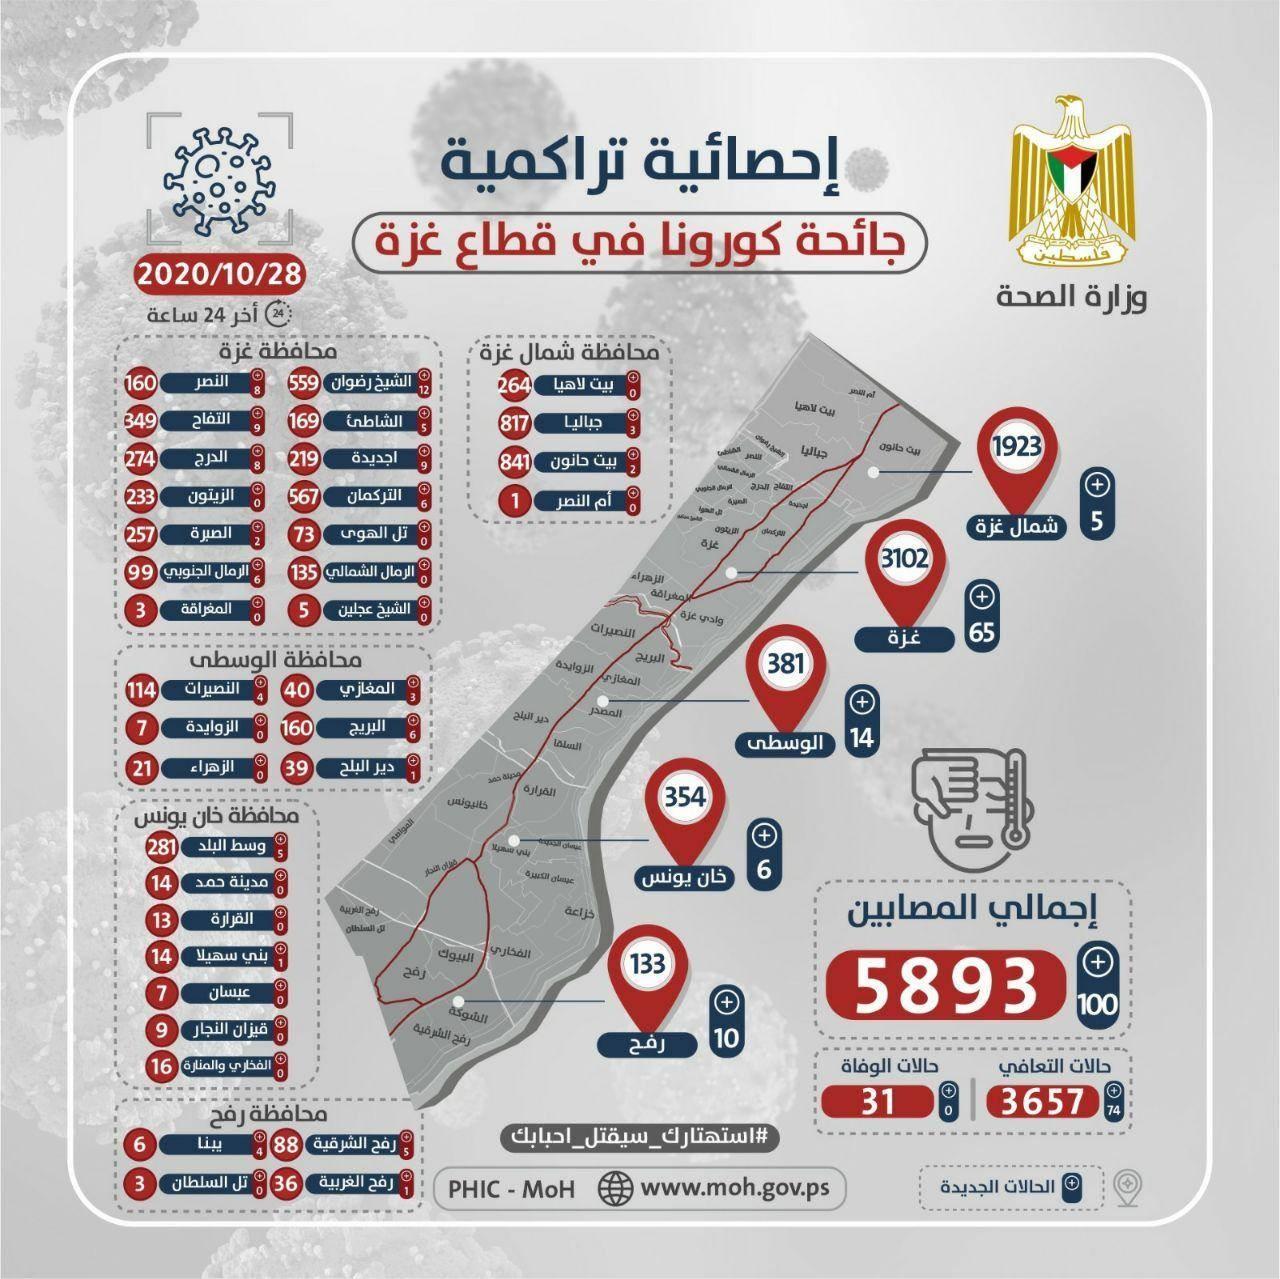 """صحة غزة تنشر الخارطة الوبائية لفيروس """"كورونا"""" الأربعاء 28 أكتوبر 2020"""